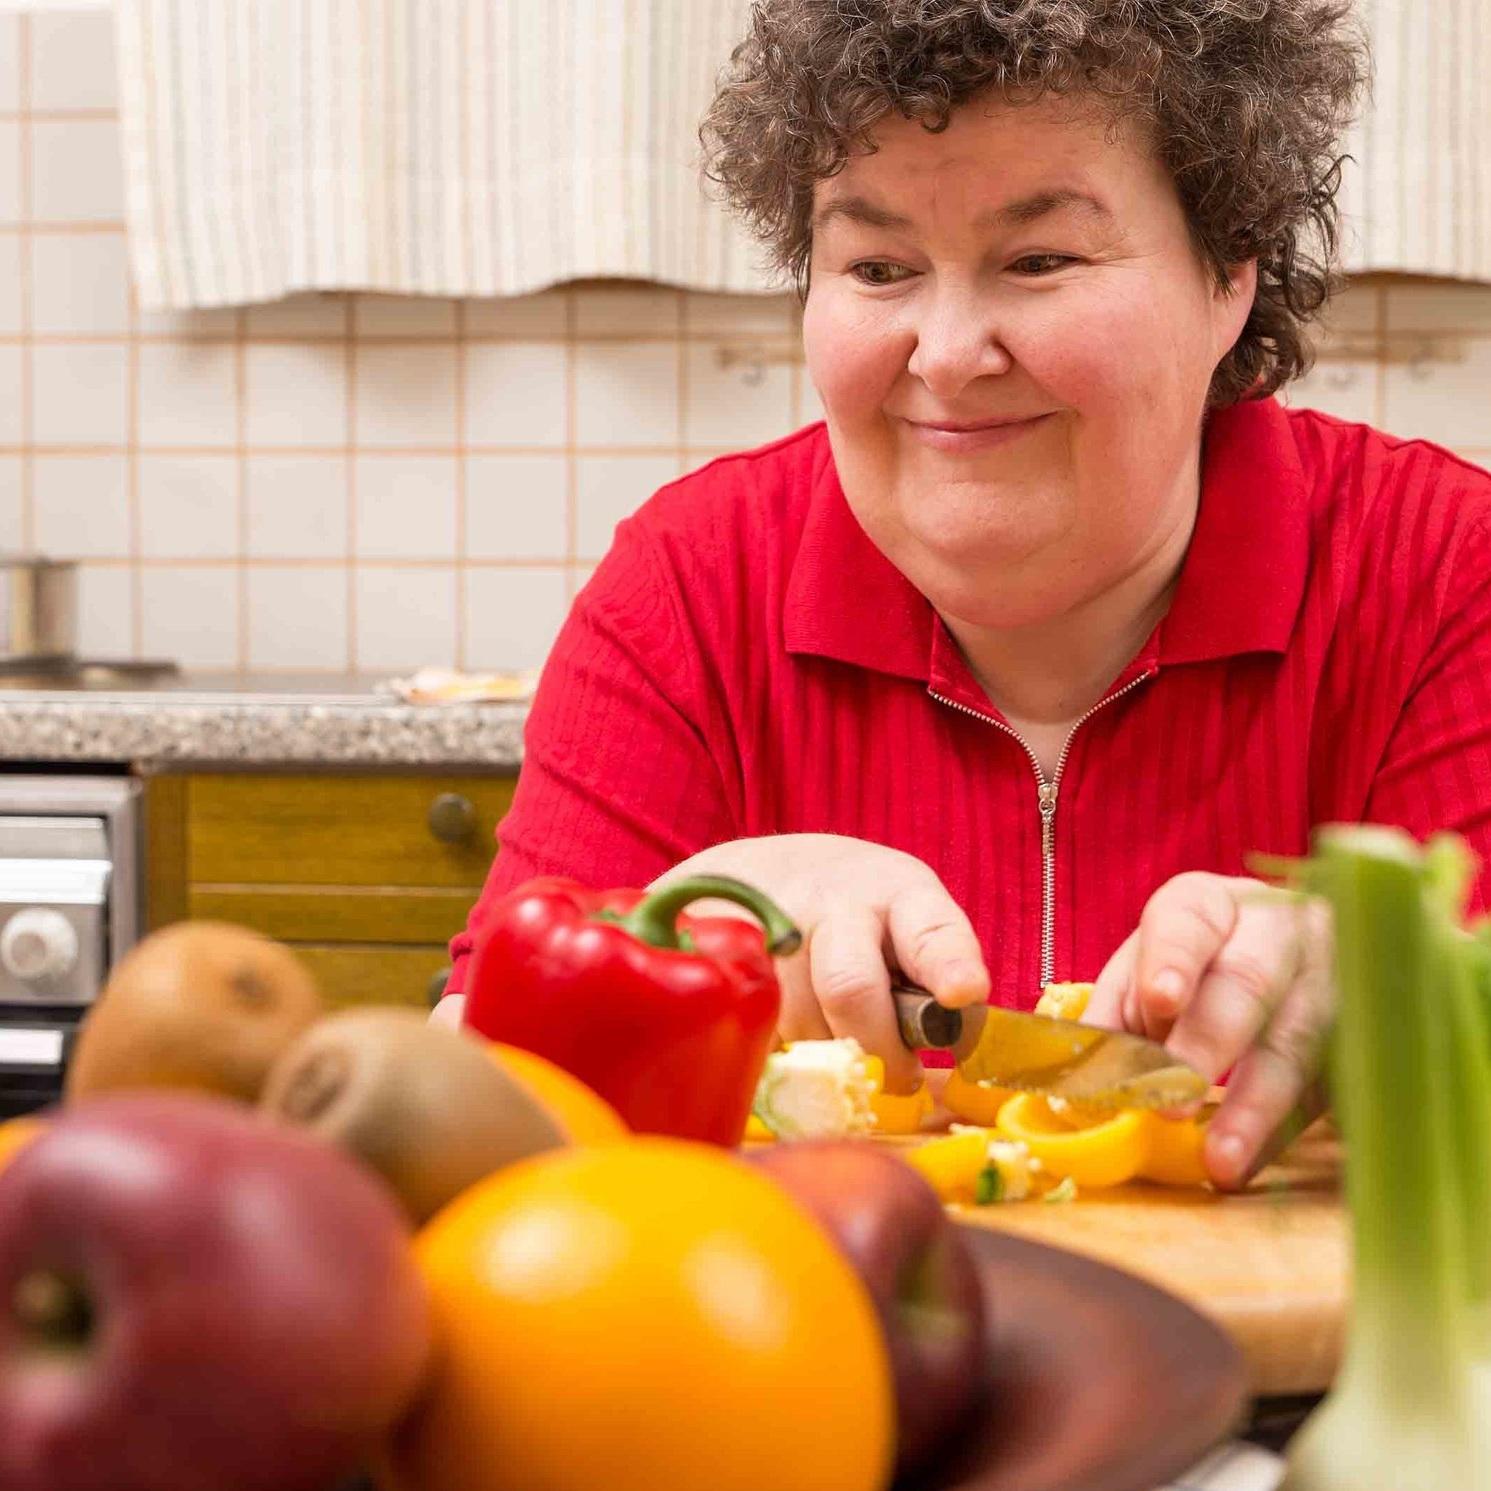 woman+veg.jpg